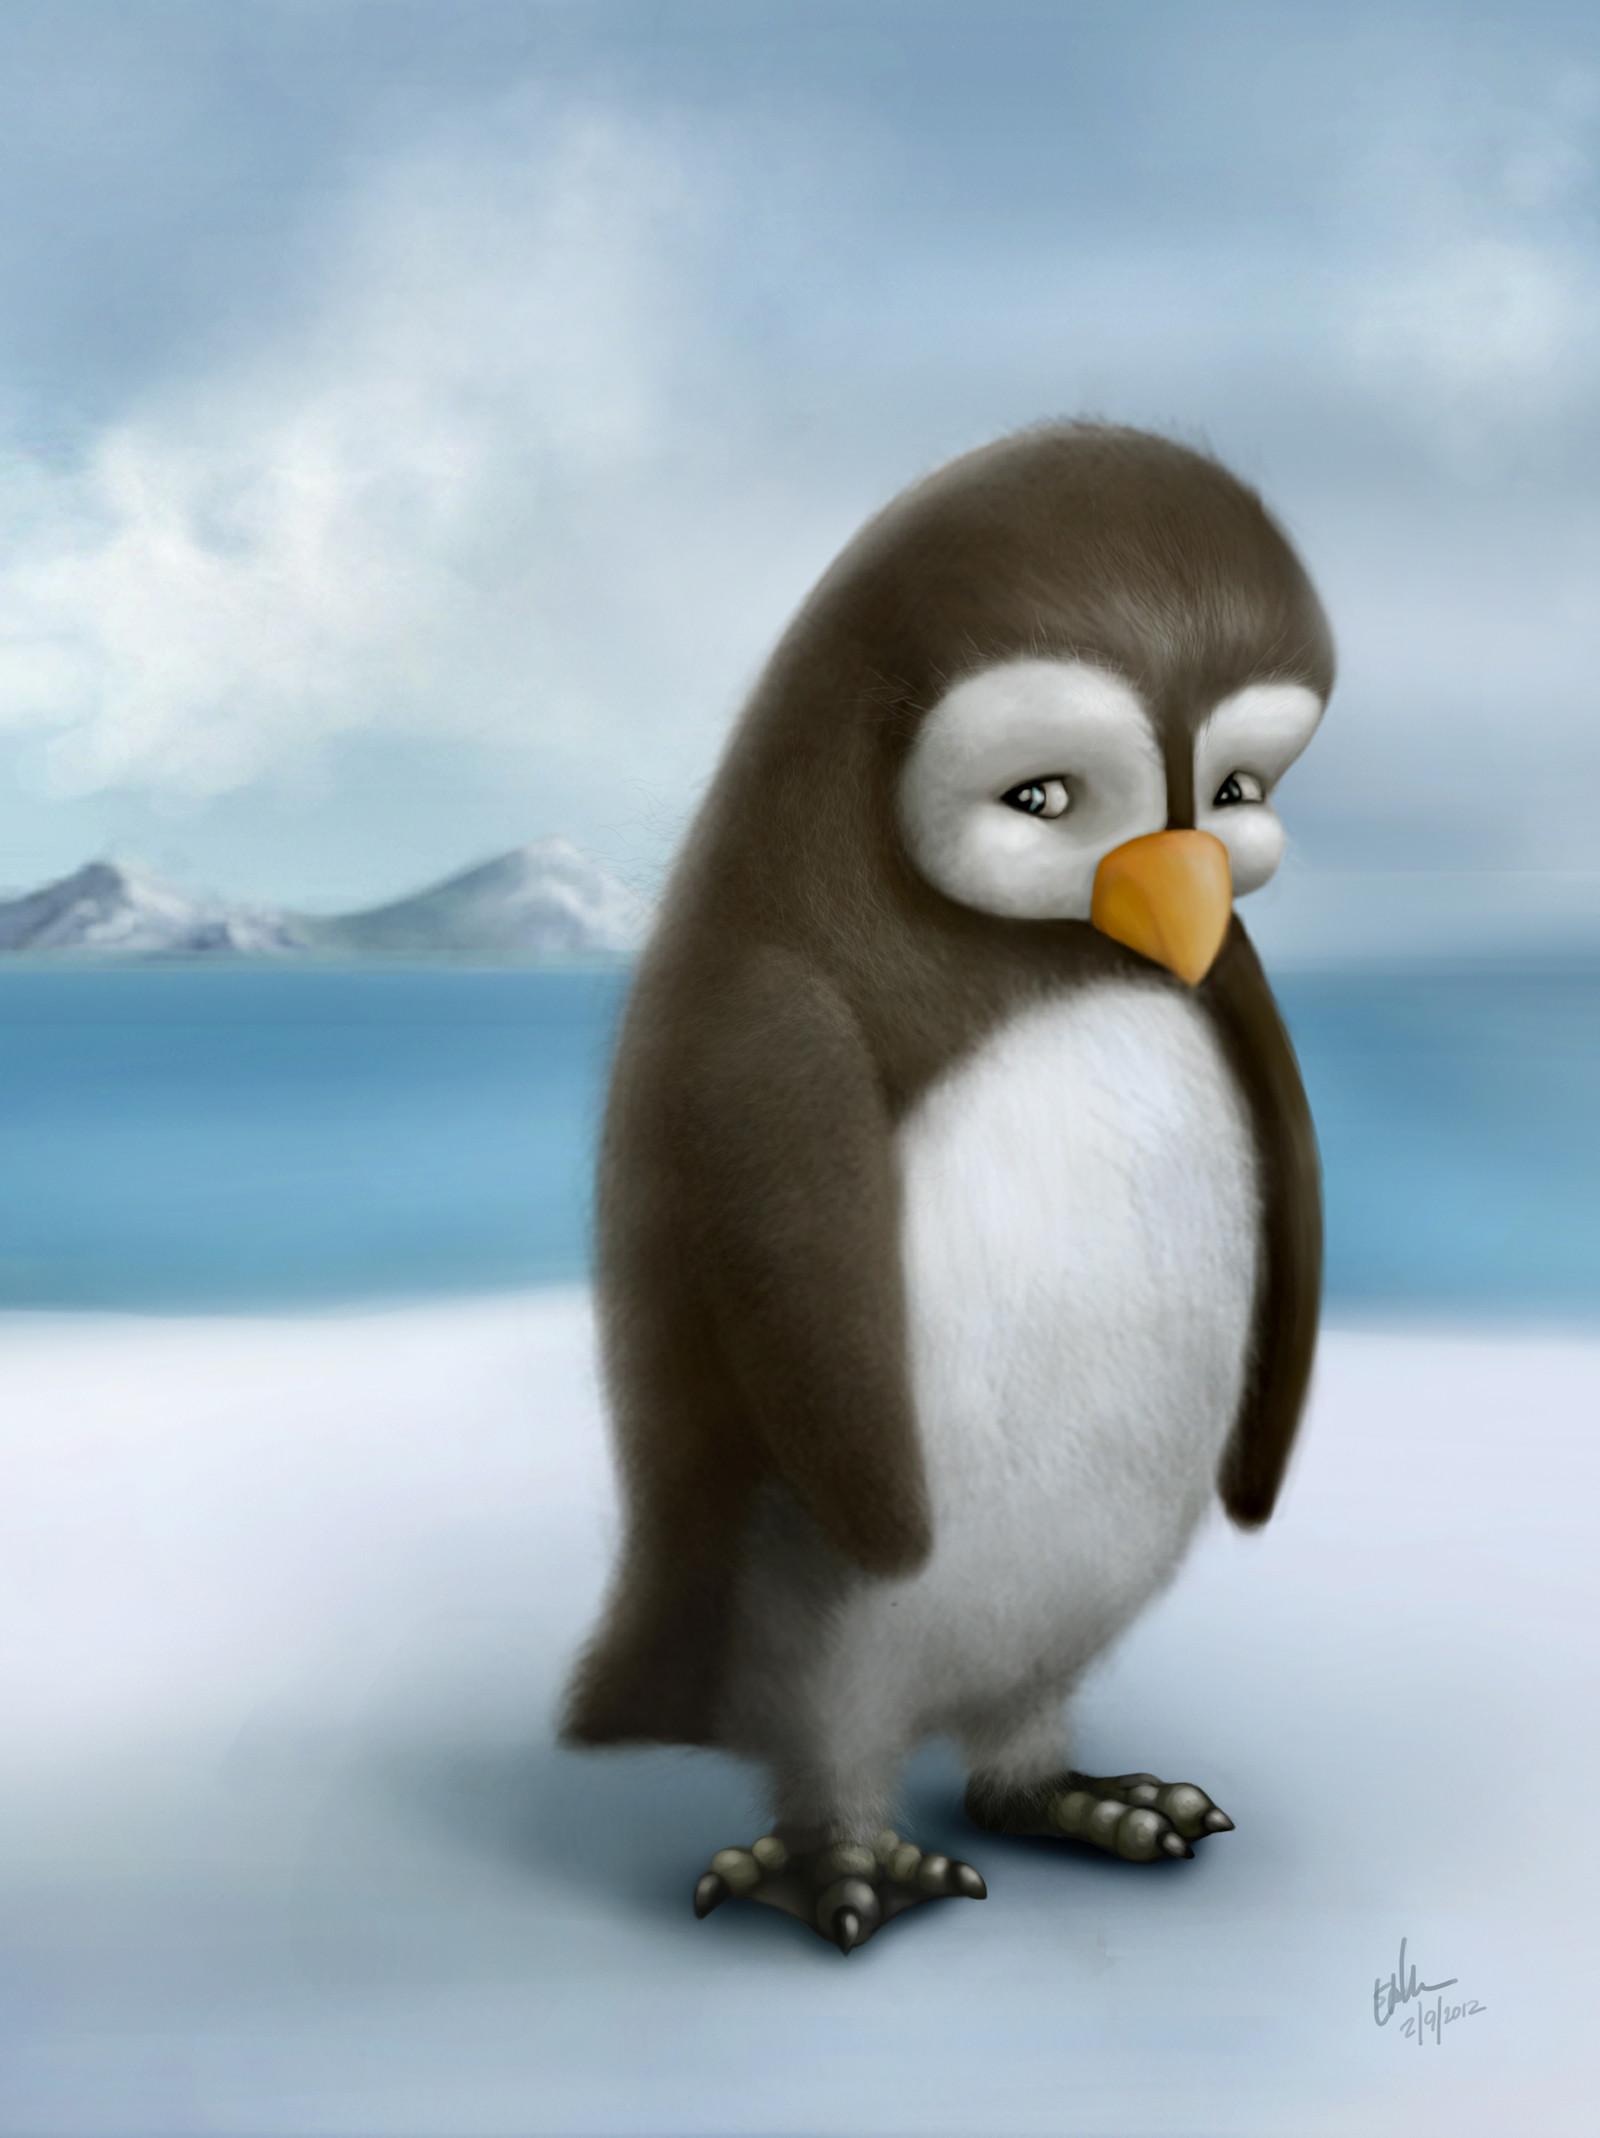 Edgar allan yee the lost penguin